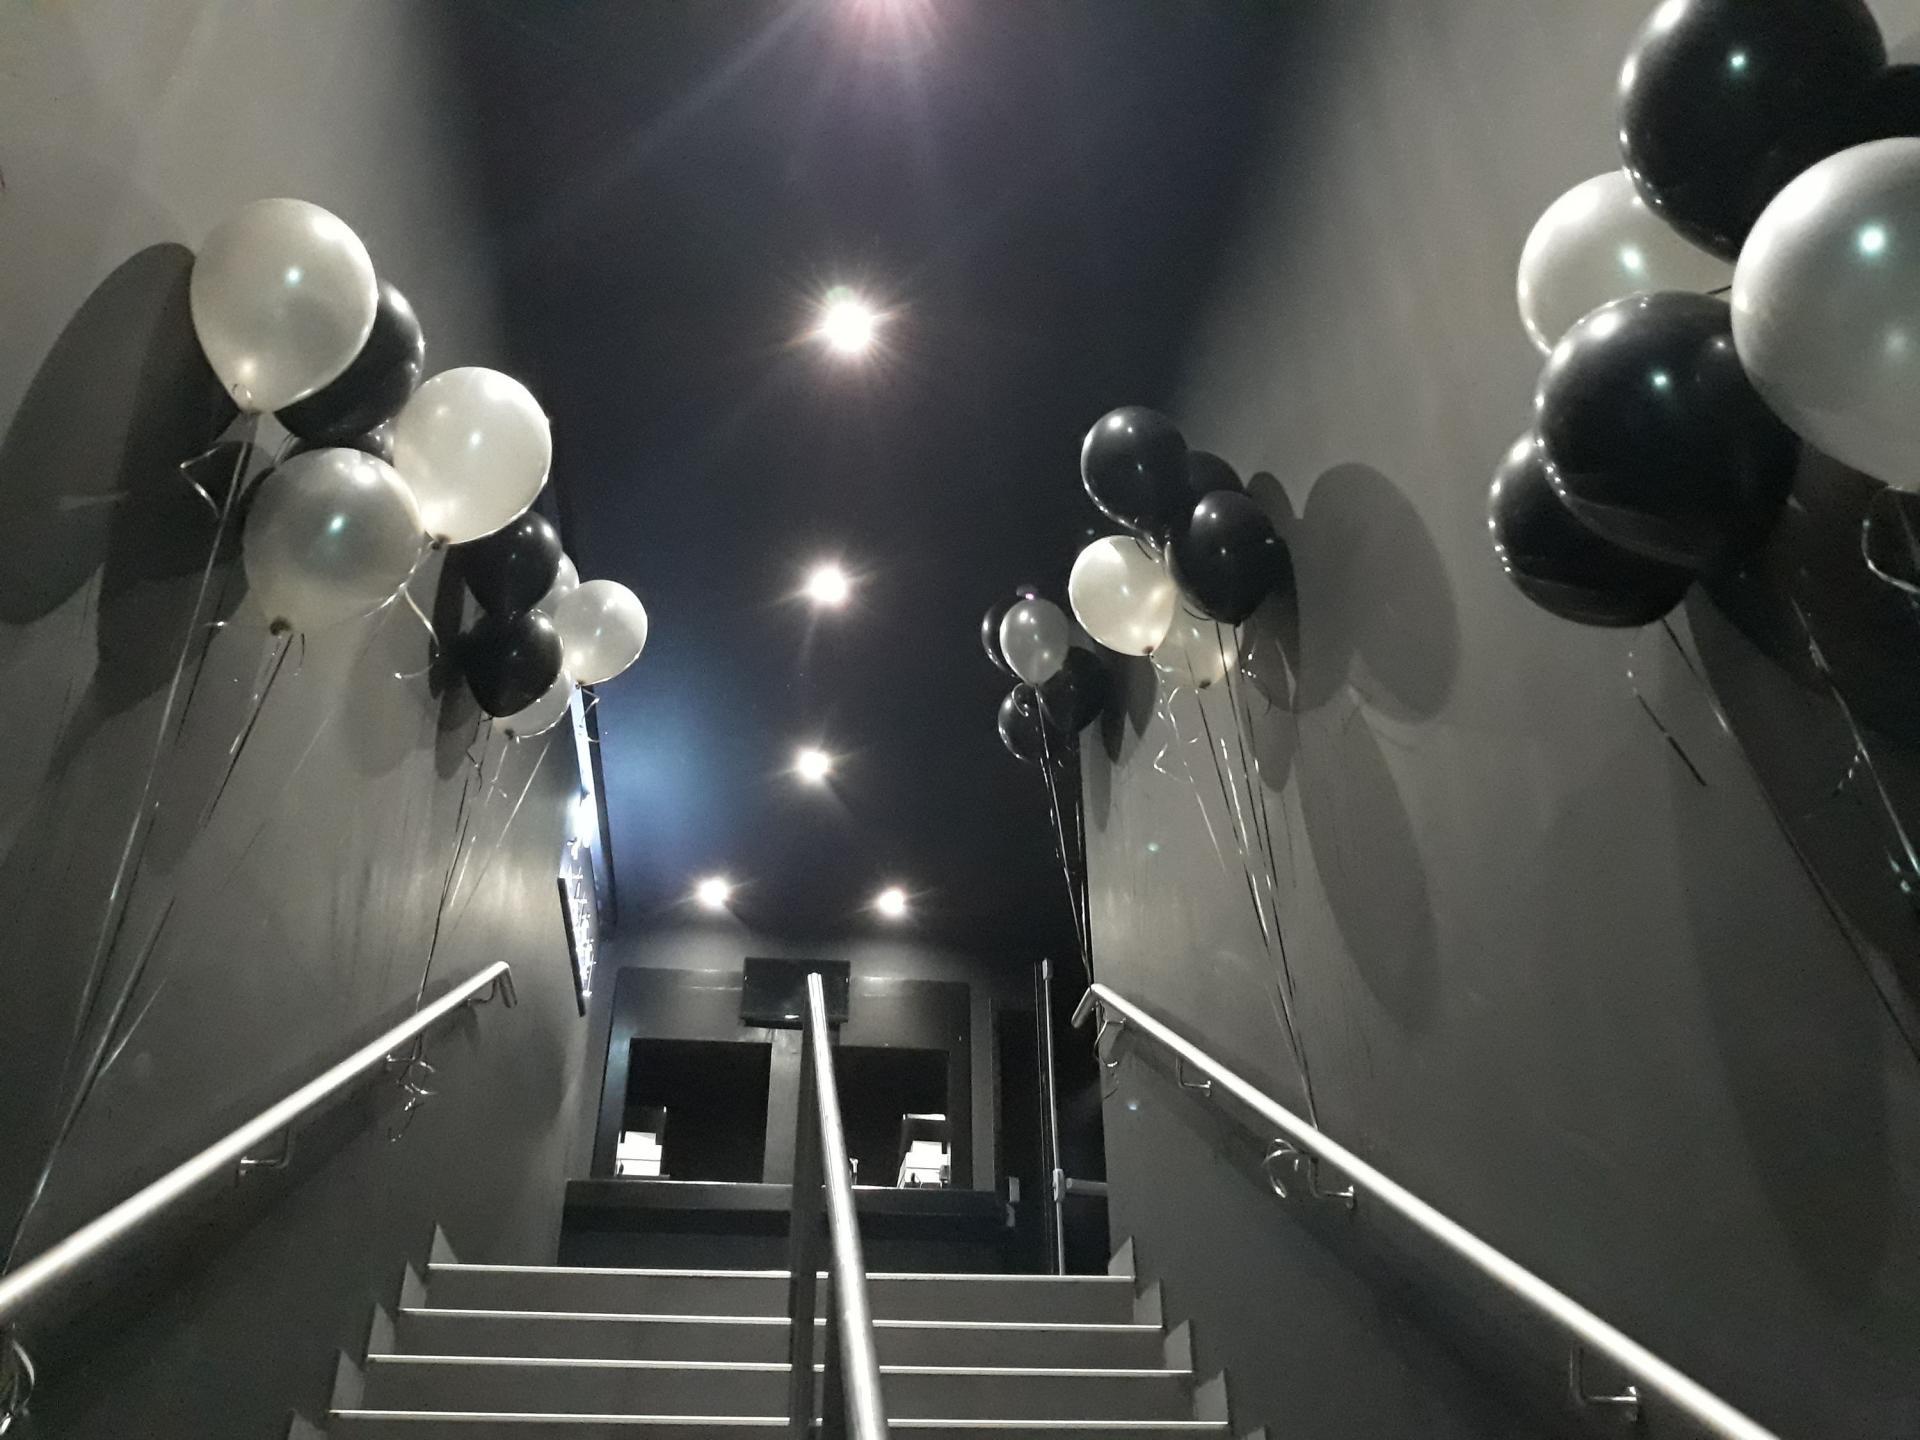 Ballons hélium pour décoration